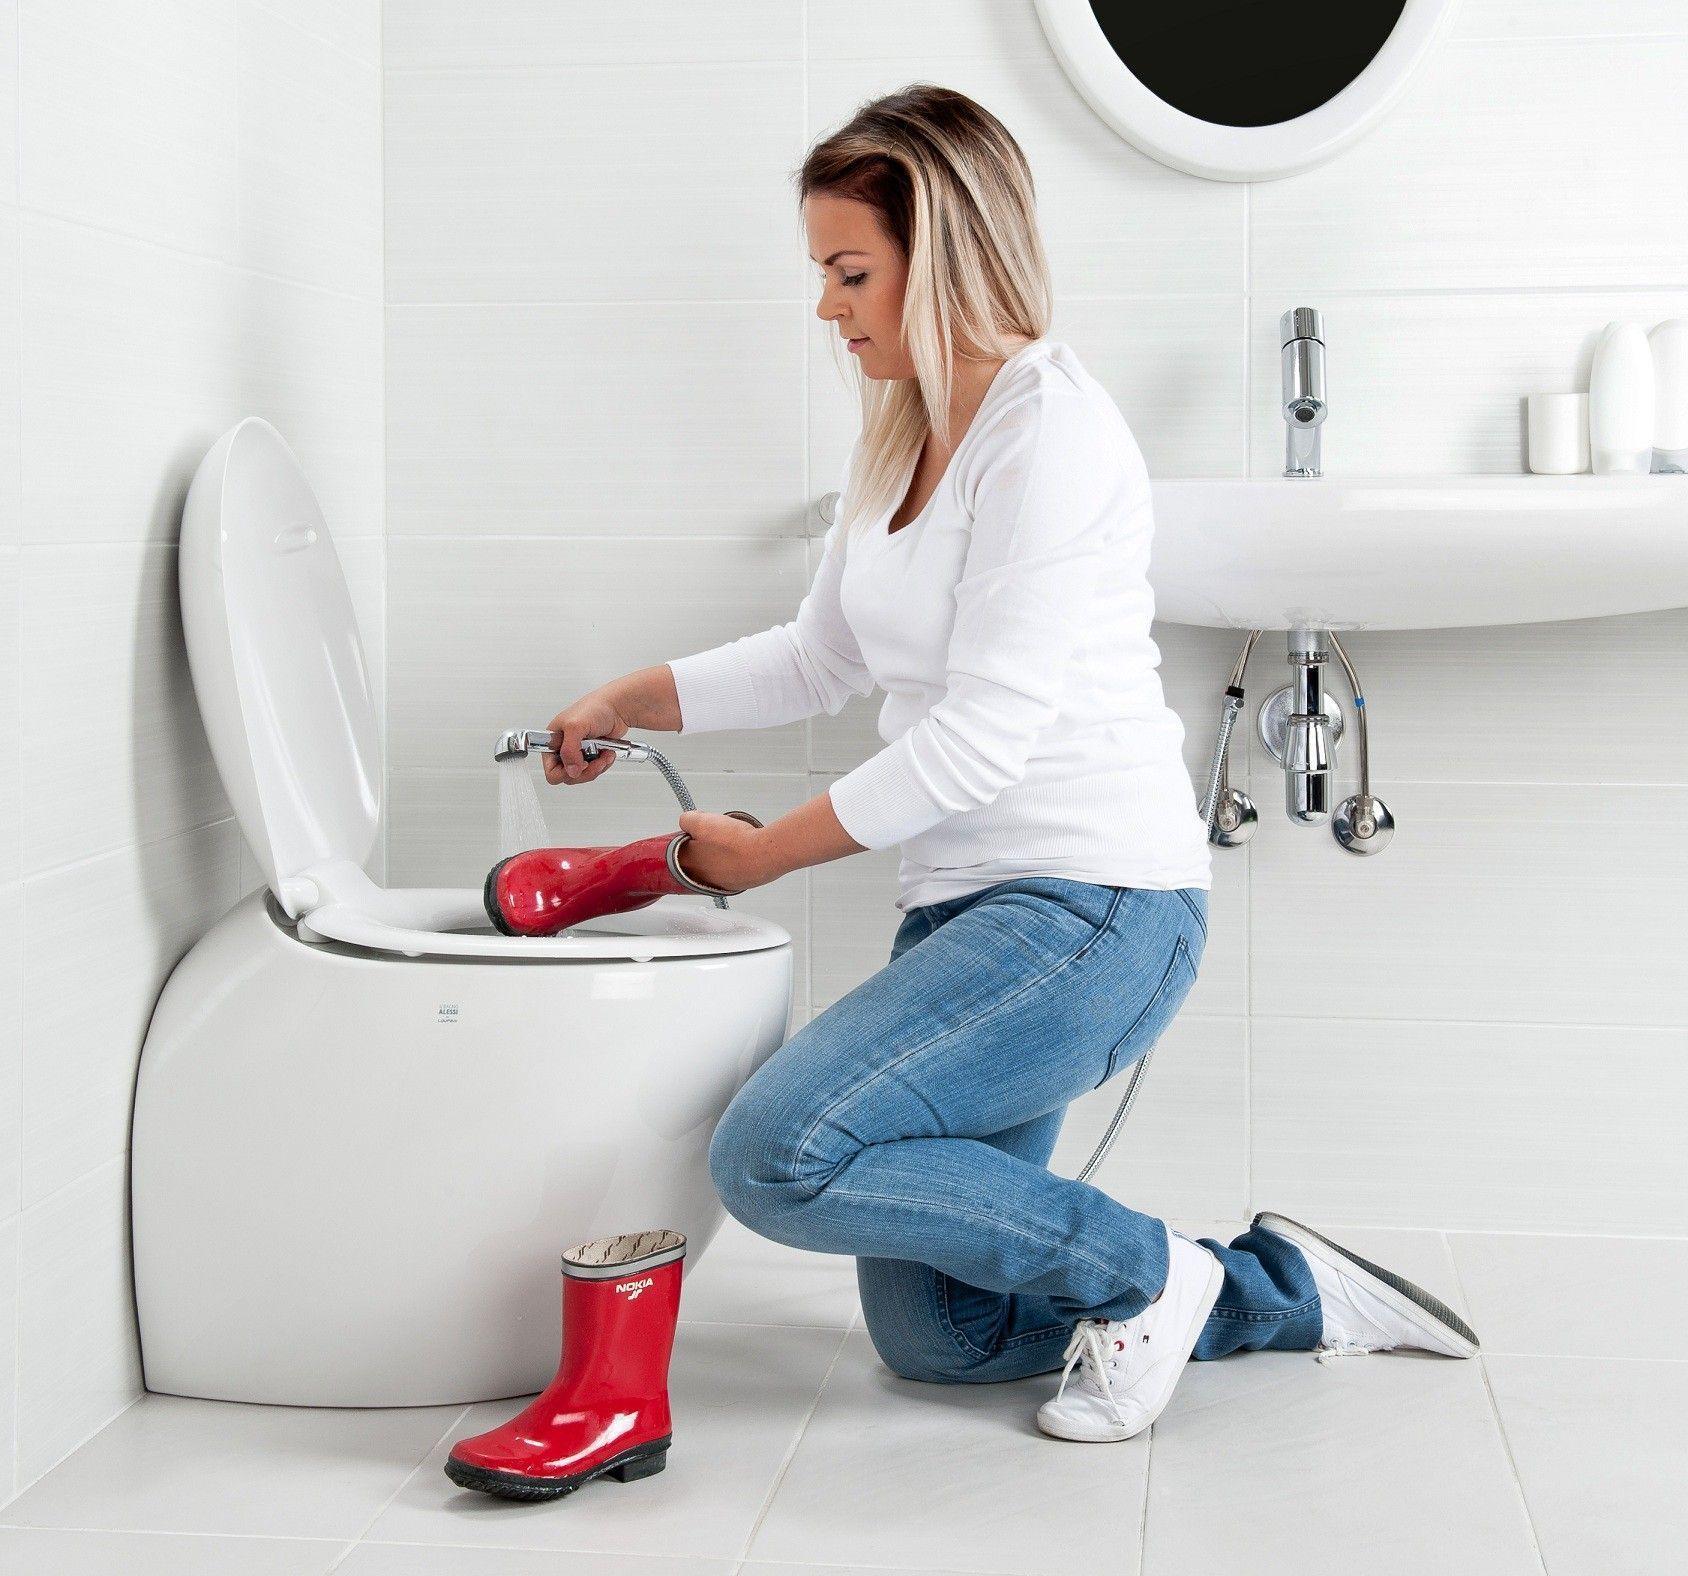 L'eau courante à proximité immédiate de la cuvette des toilettes est un nettoyage incomparablement plus facile et plus hygiénique de la pièce, ainsi que la possibilité de nettoyer soigneusement les objets très sales et sans bloquer la canalisation